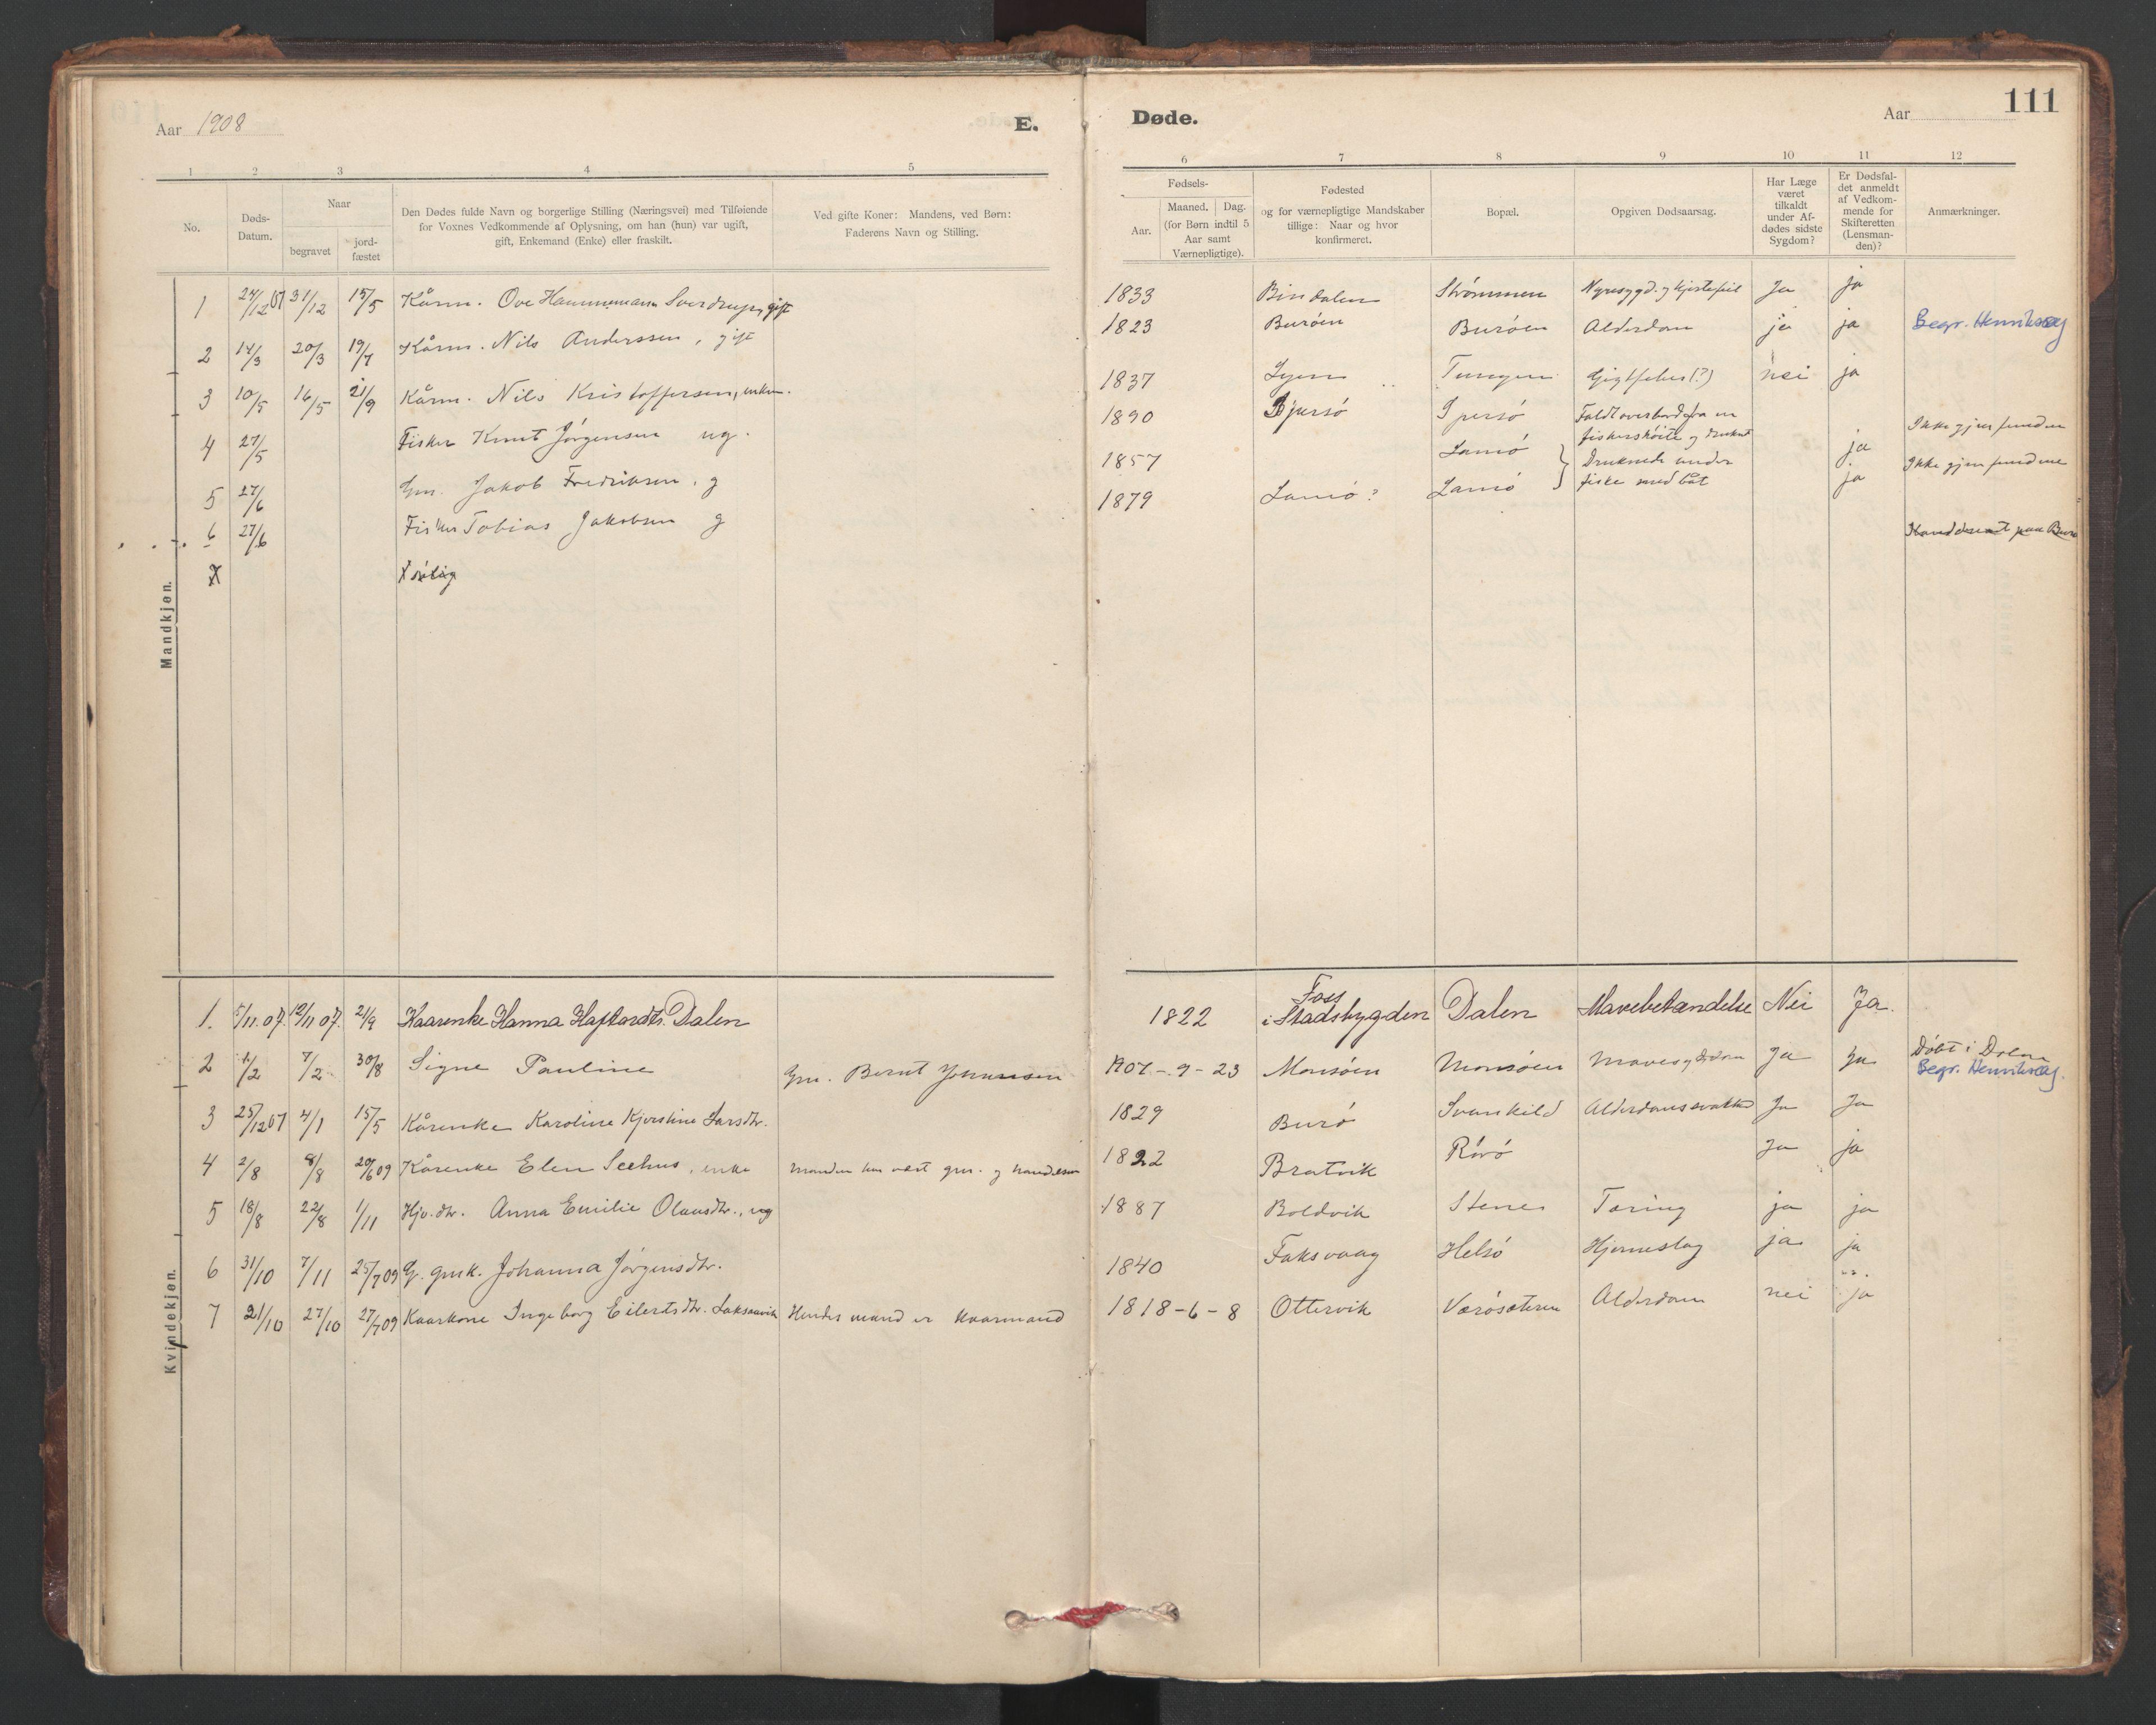 SAT, Ministerialprotokoller, klokkerbøker og fødselsregistre - Sør-Trøndelag, 635/L0552: Ministerialbok nr. 635A02, 1899-1919, s. 111